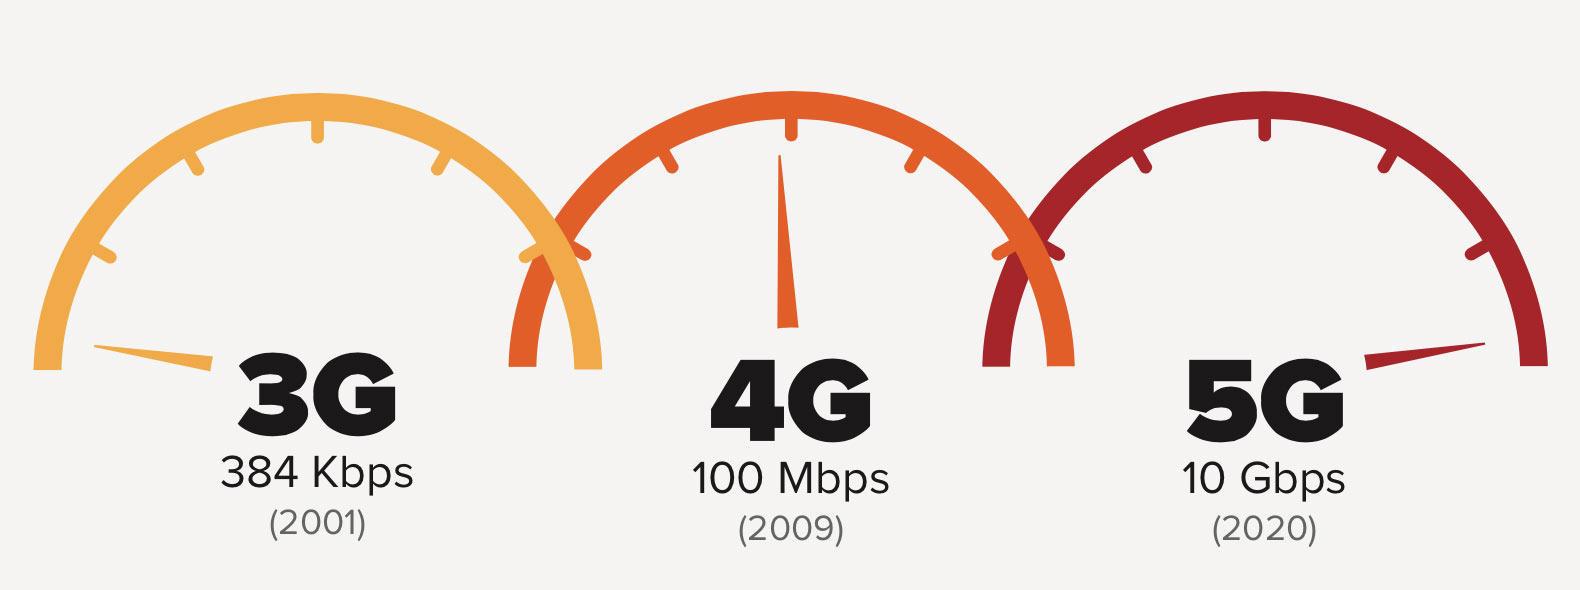 У природы нет плохих законов. Generation 5, или что же будет работать после LTE?